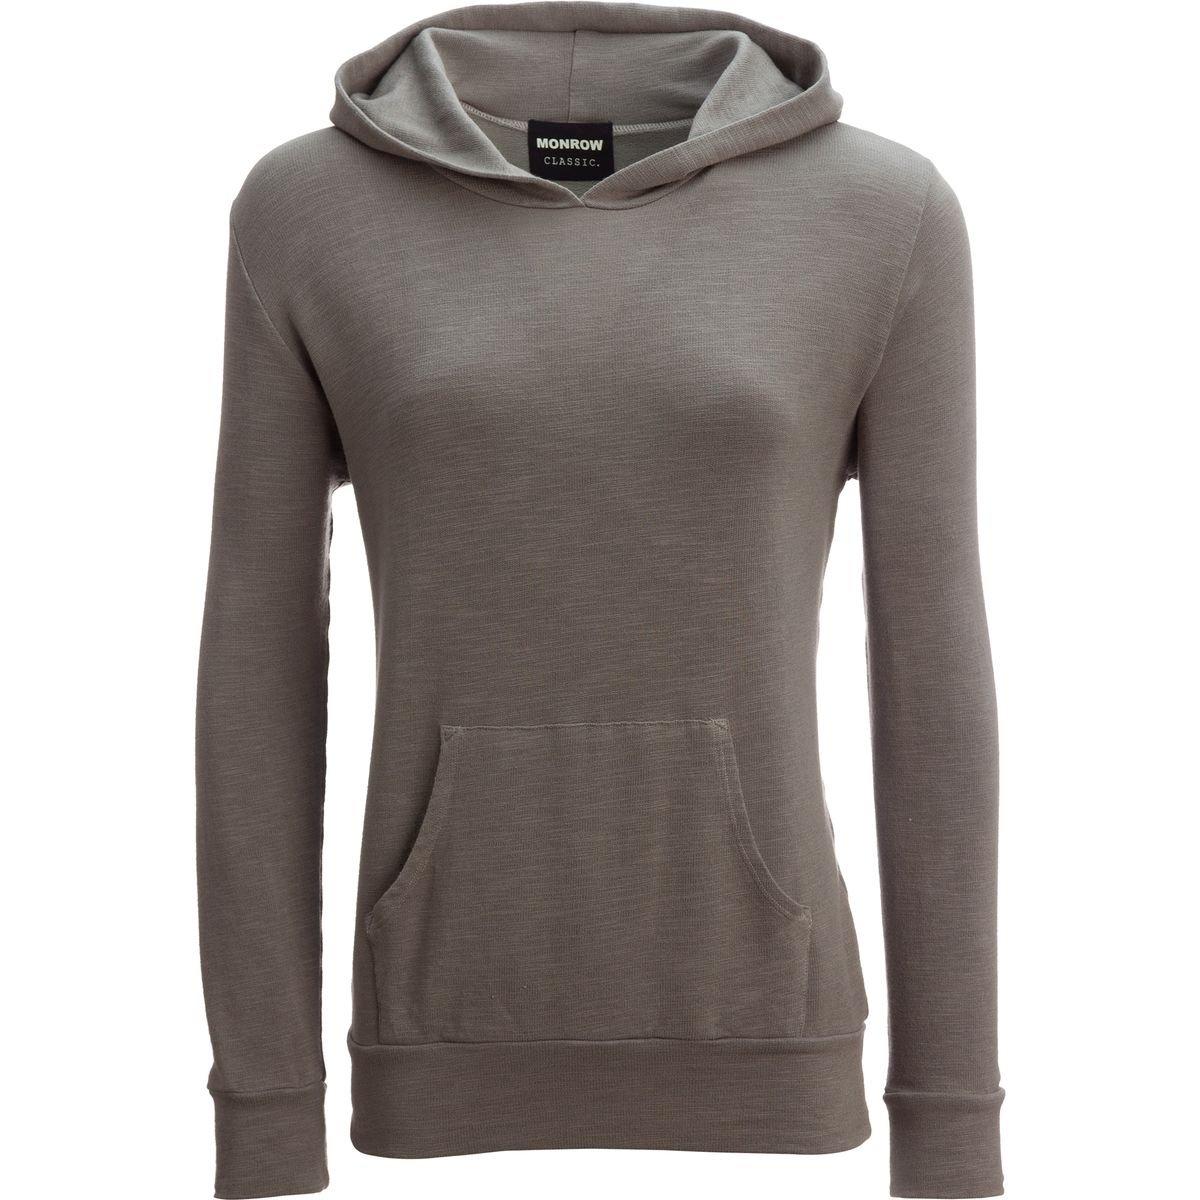 Monrow Super Soft Kangaroo Pullover Sweatshirt - Women's Cement, M